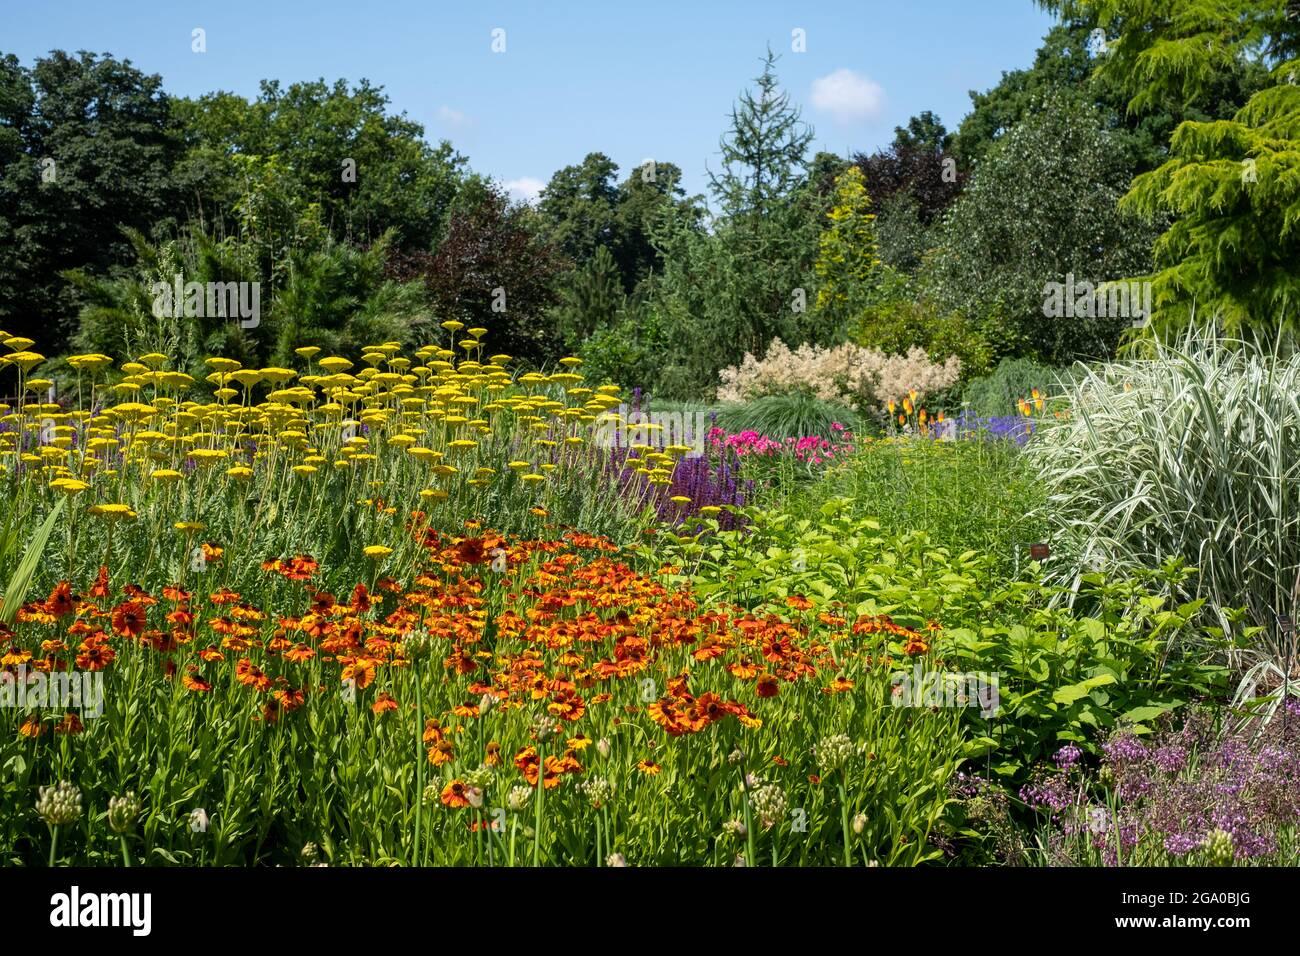 Bressingham Gardens près de DISS dans Norfolk. Jardin coloré influencé par l'ethos naturaliste de plantation avec une large palette de couleurs. Banque D'Images